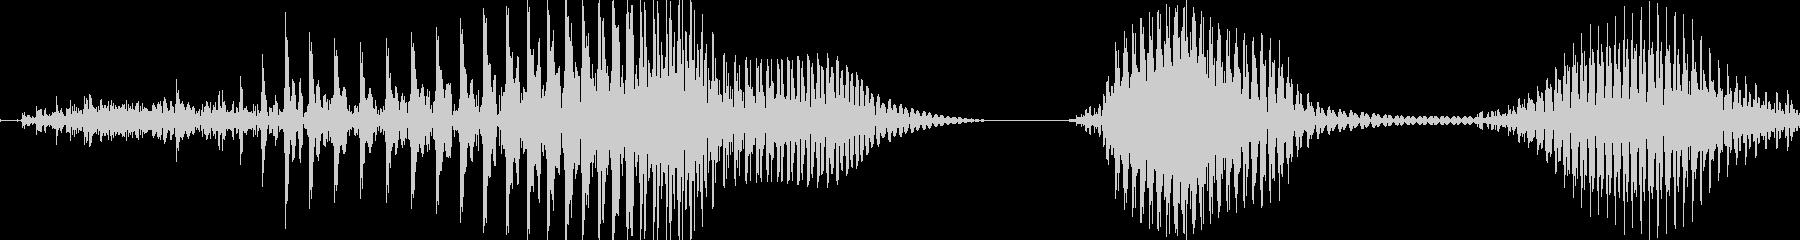 かんぺきっ!の未再生の波形